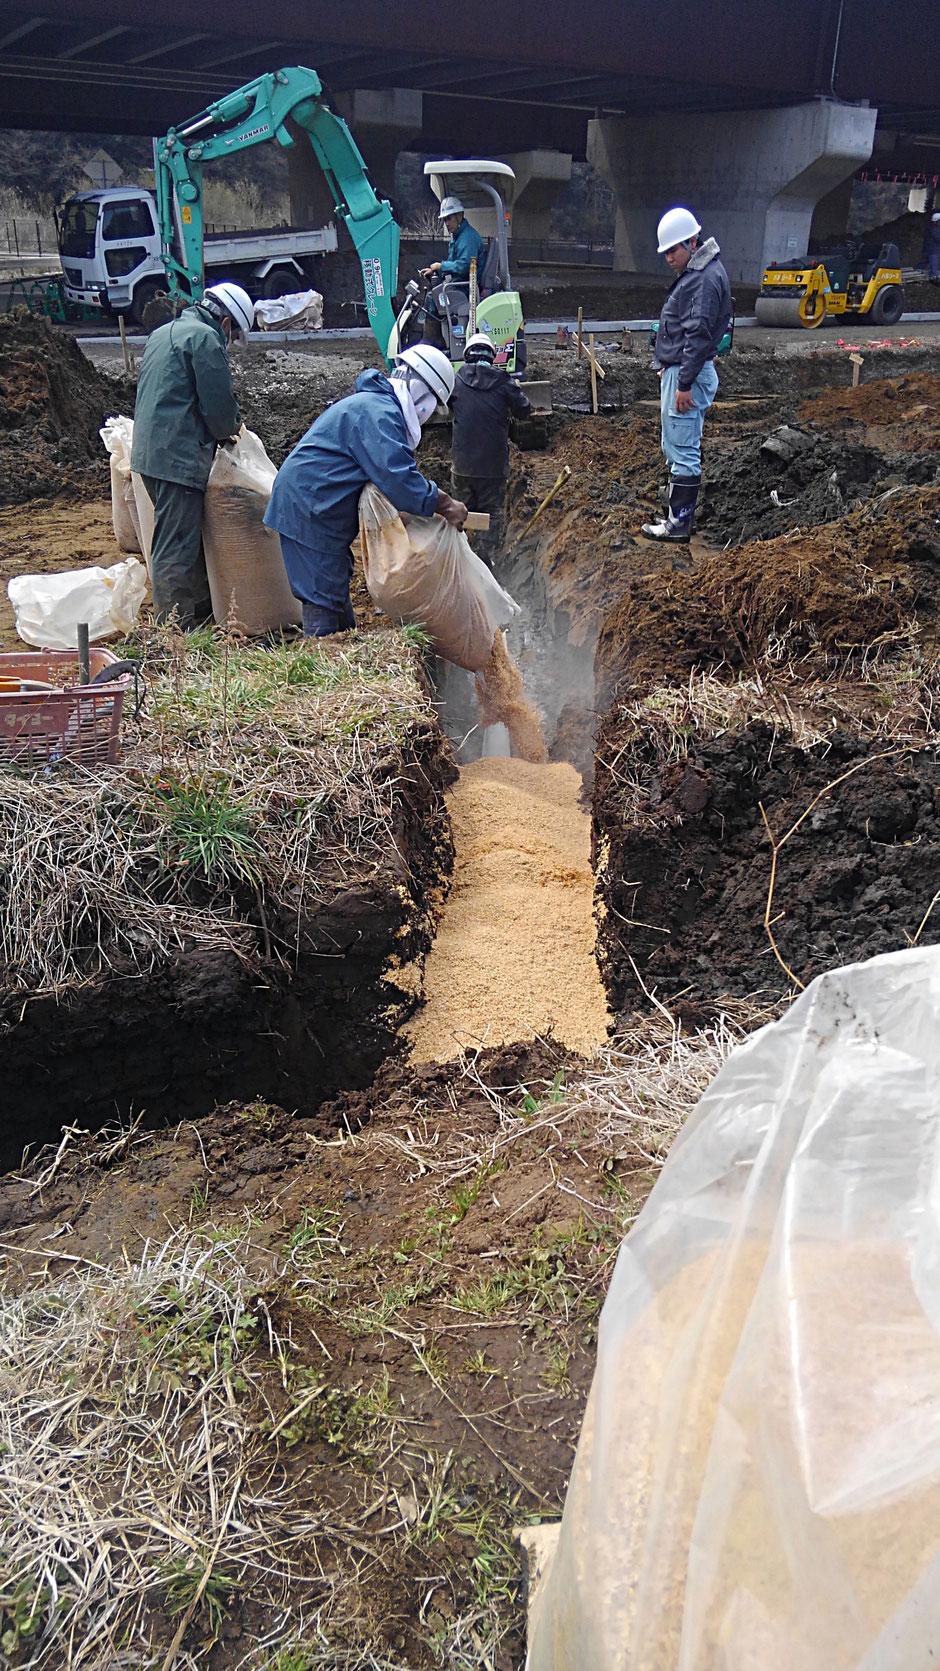 暗渠を施工している現場の写真です。